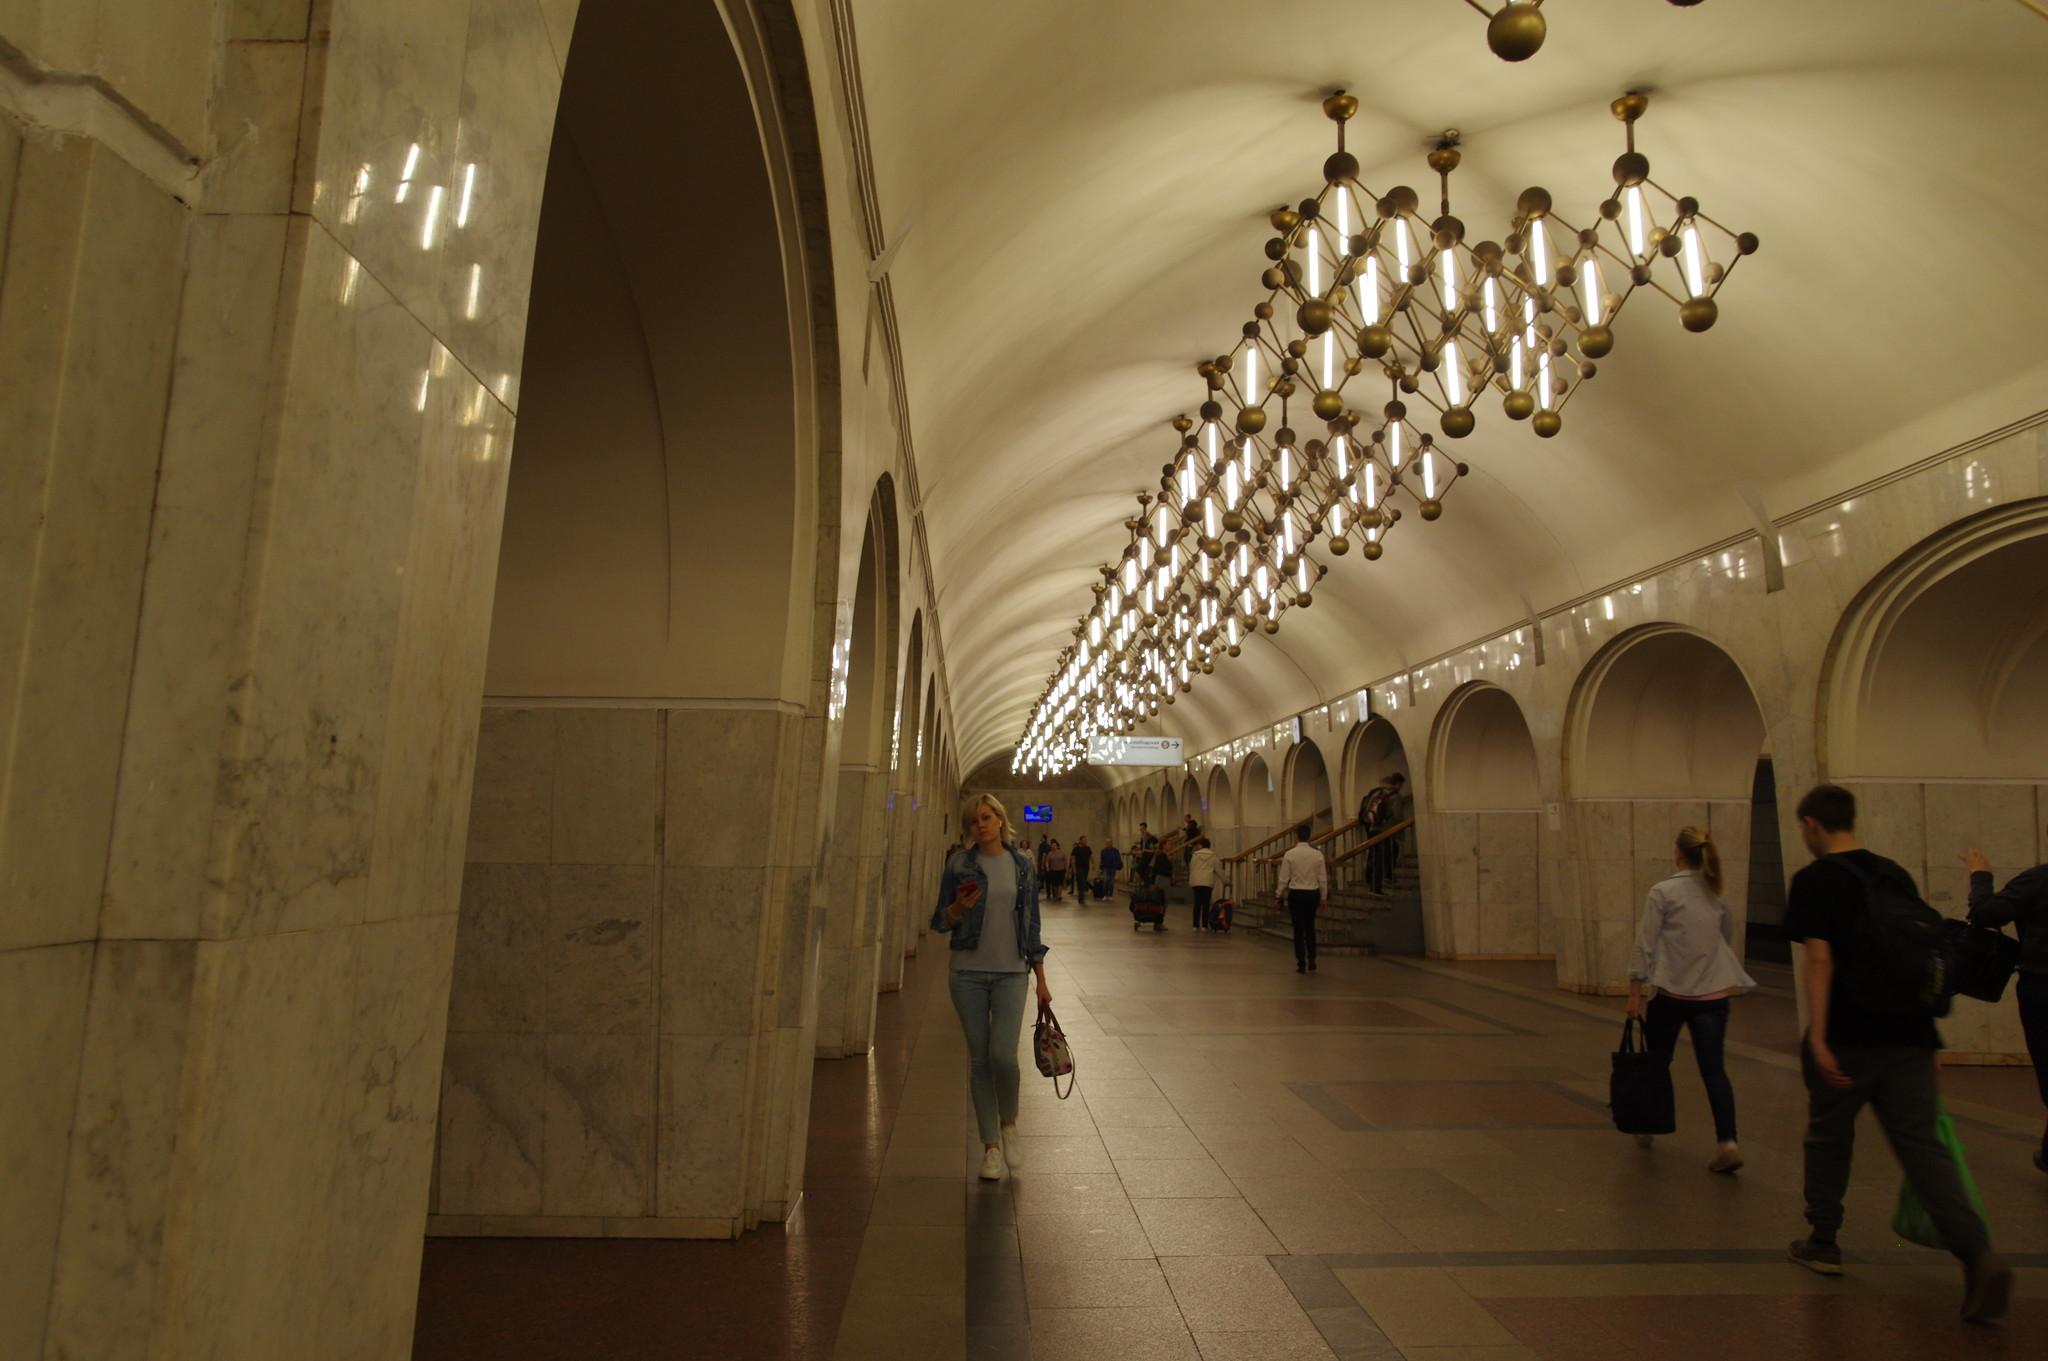 Станция метро «Менделеевская» Серпуховско-Тимирязевской линии Московского метрополитена